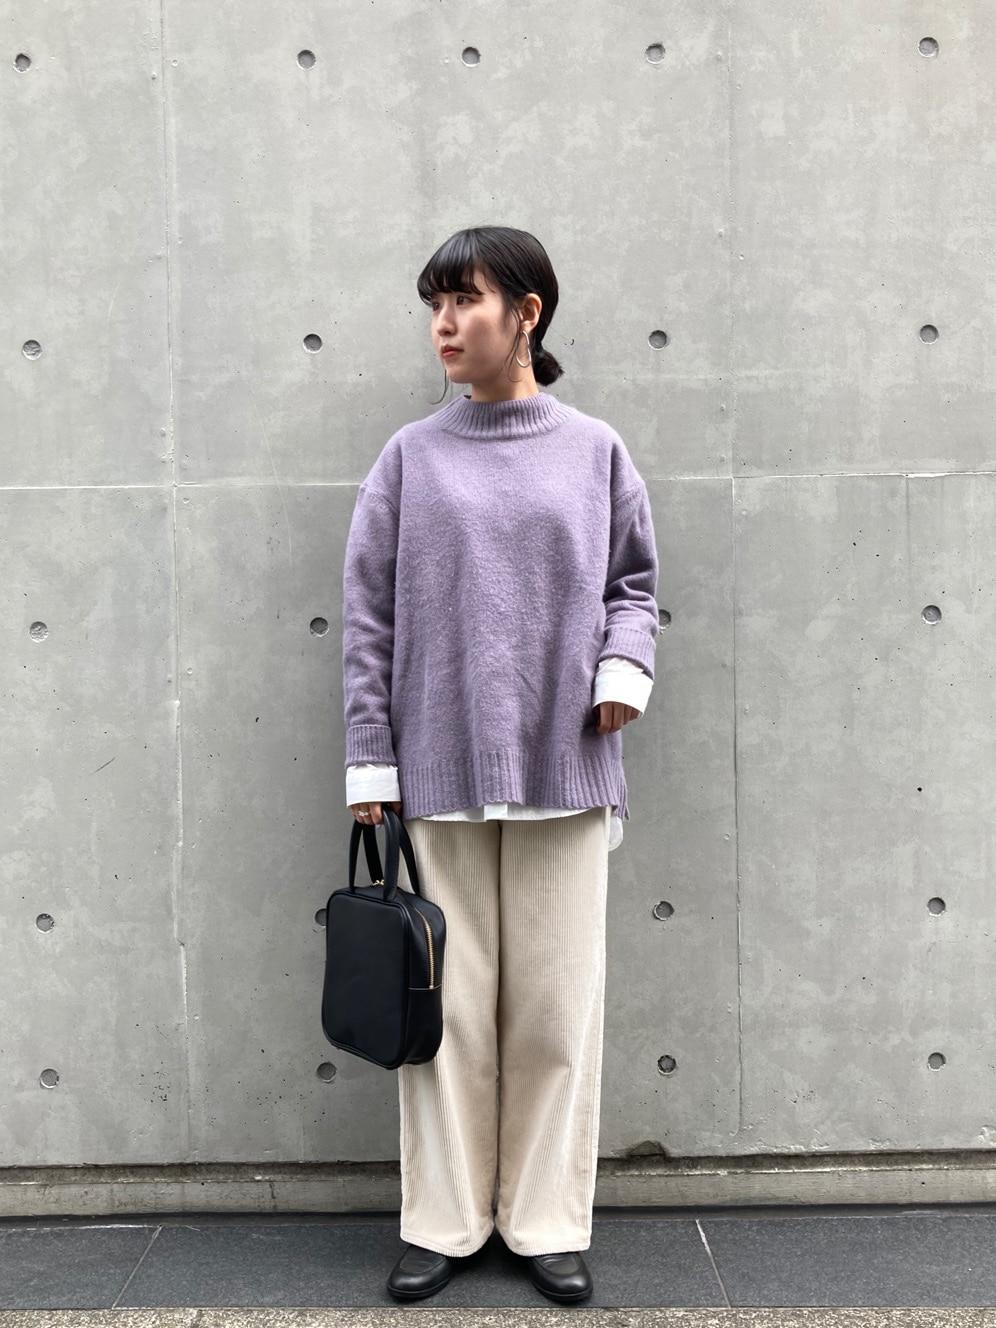 l'atelier du savon 東京スカイツリータウン・ソラマチ 身長:152cm 2020.11.25